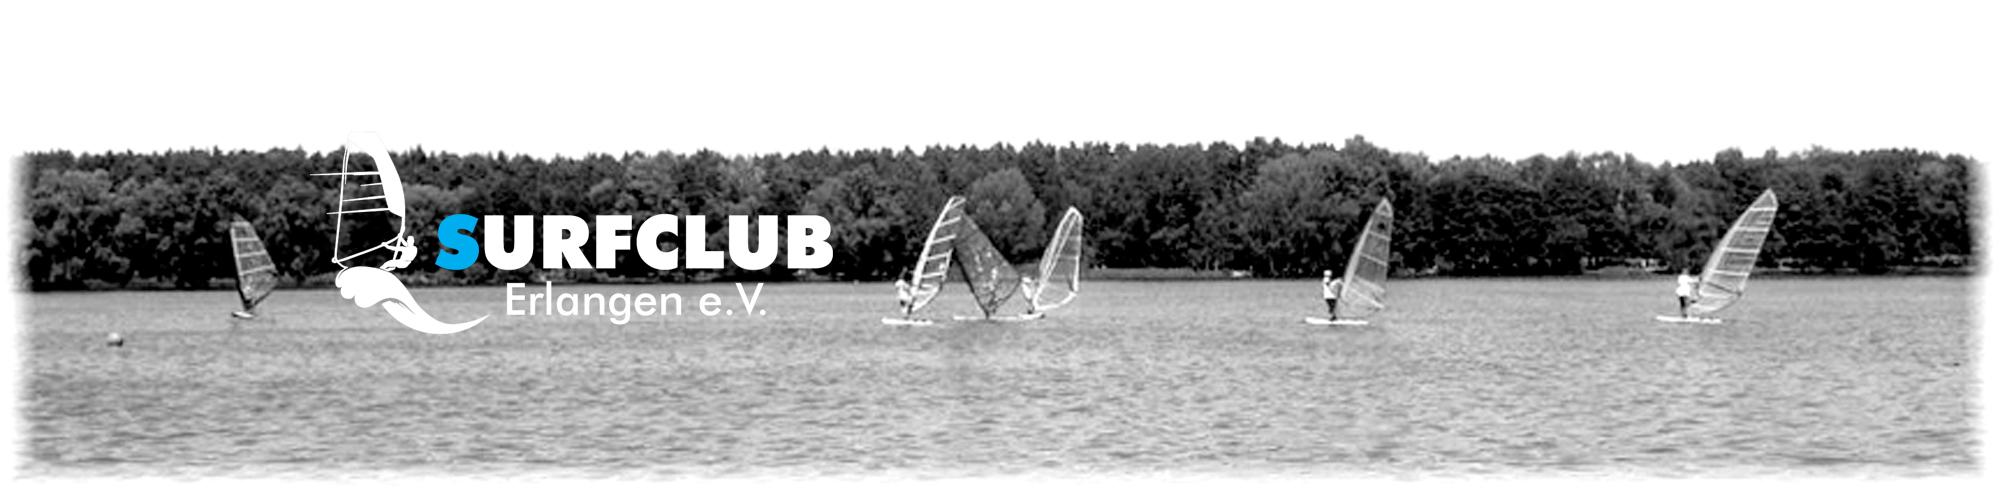 Surfclub Erlangen e.V.